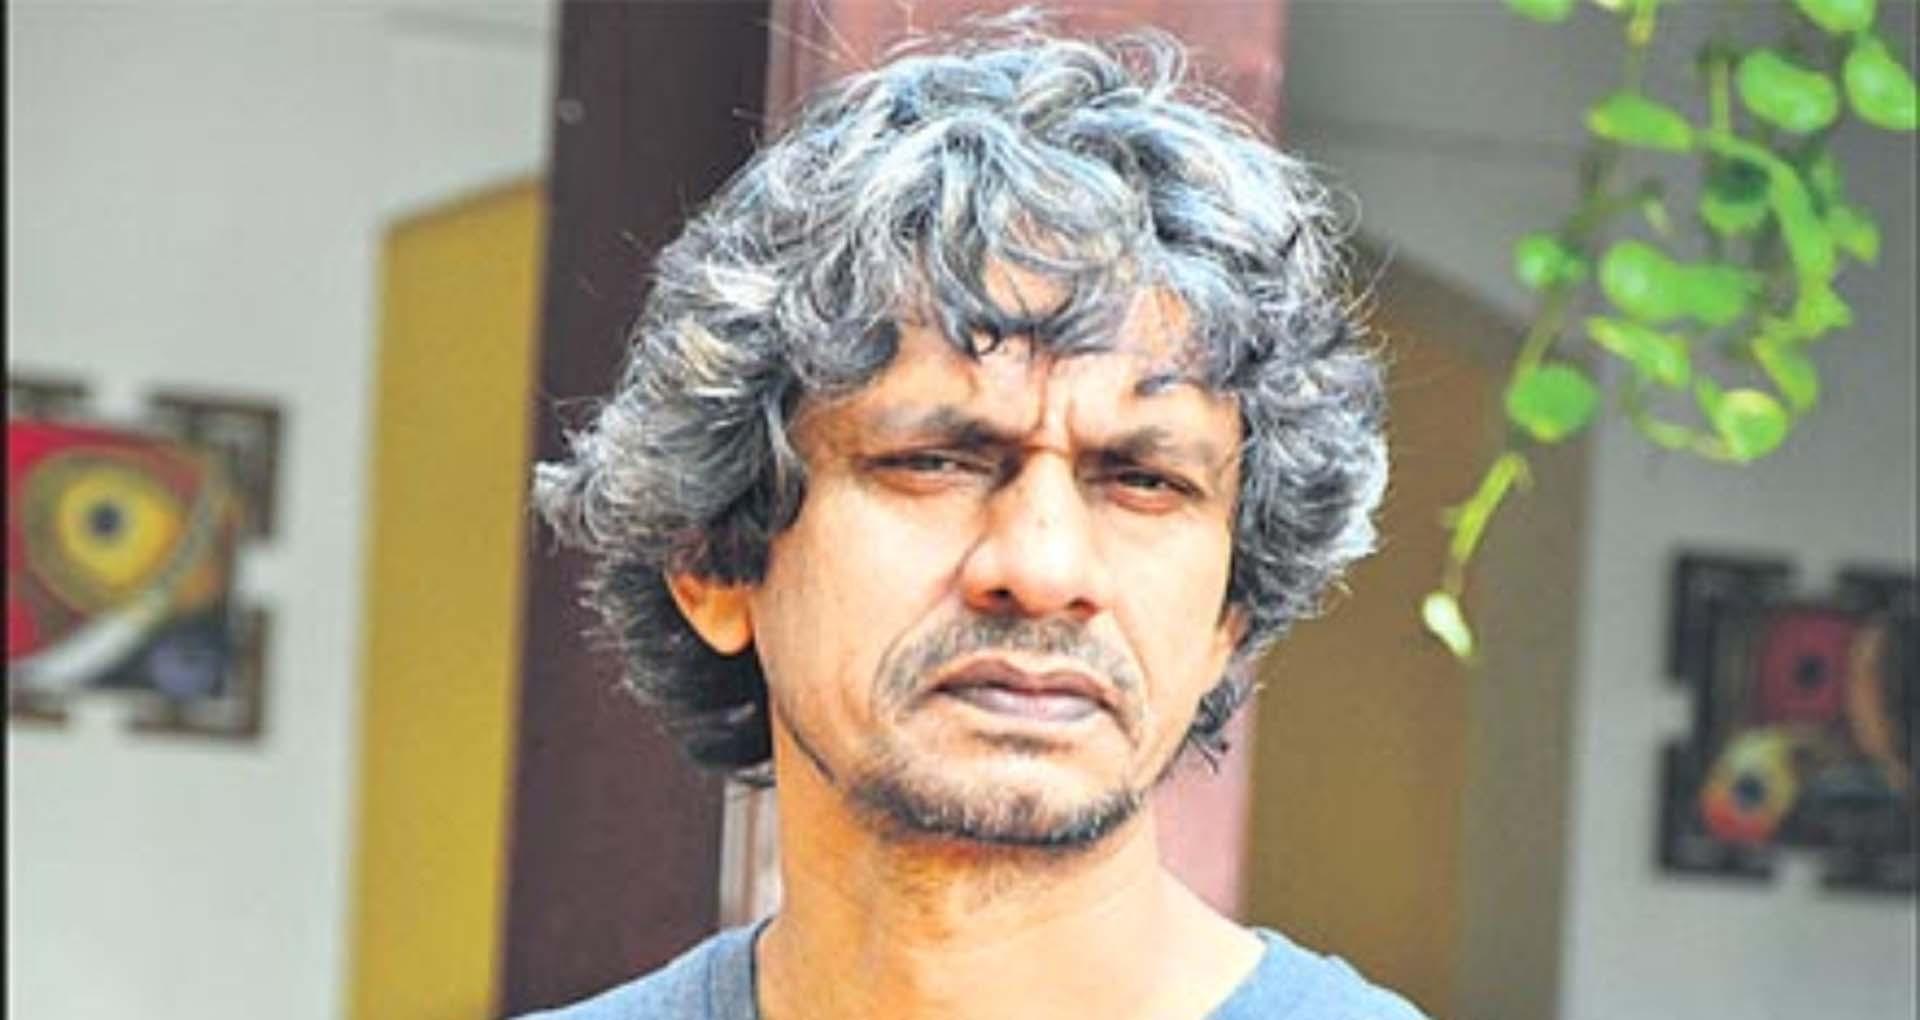 Vijay Raaz Arrested: एक्टर विजय राज़ पर एक्ट्रेस ने लगाया छेड़छाड़ का आरोप